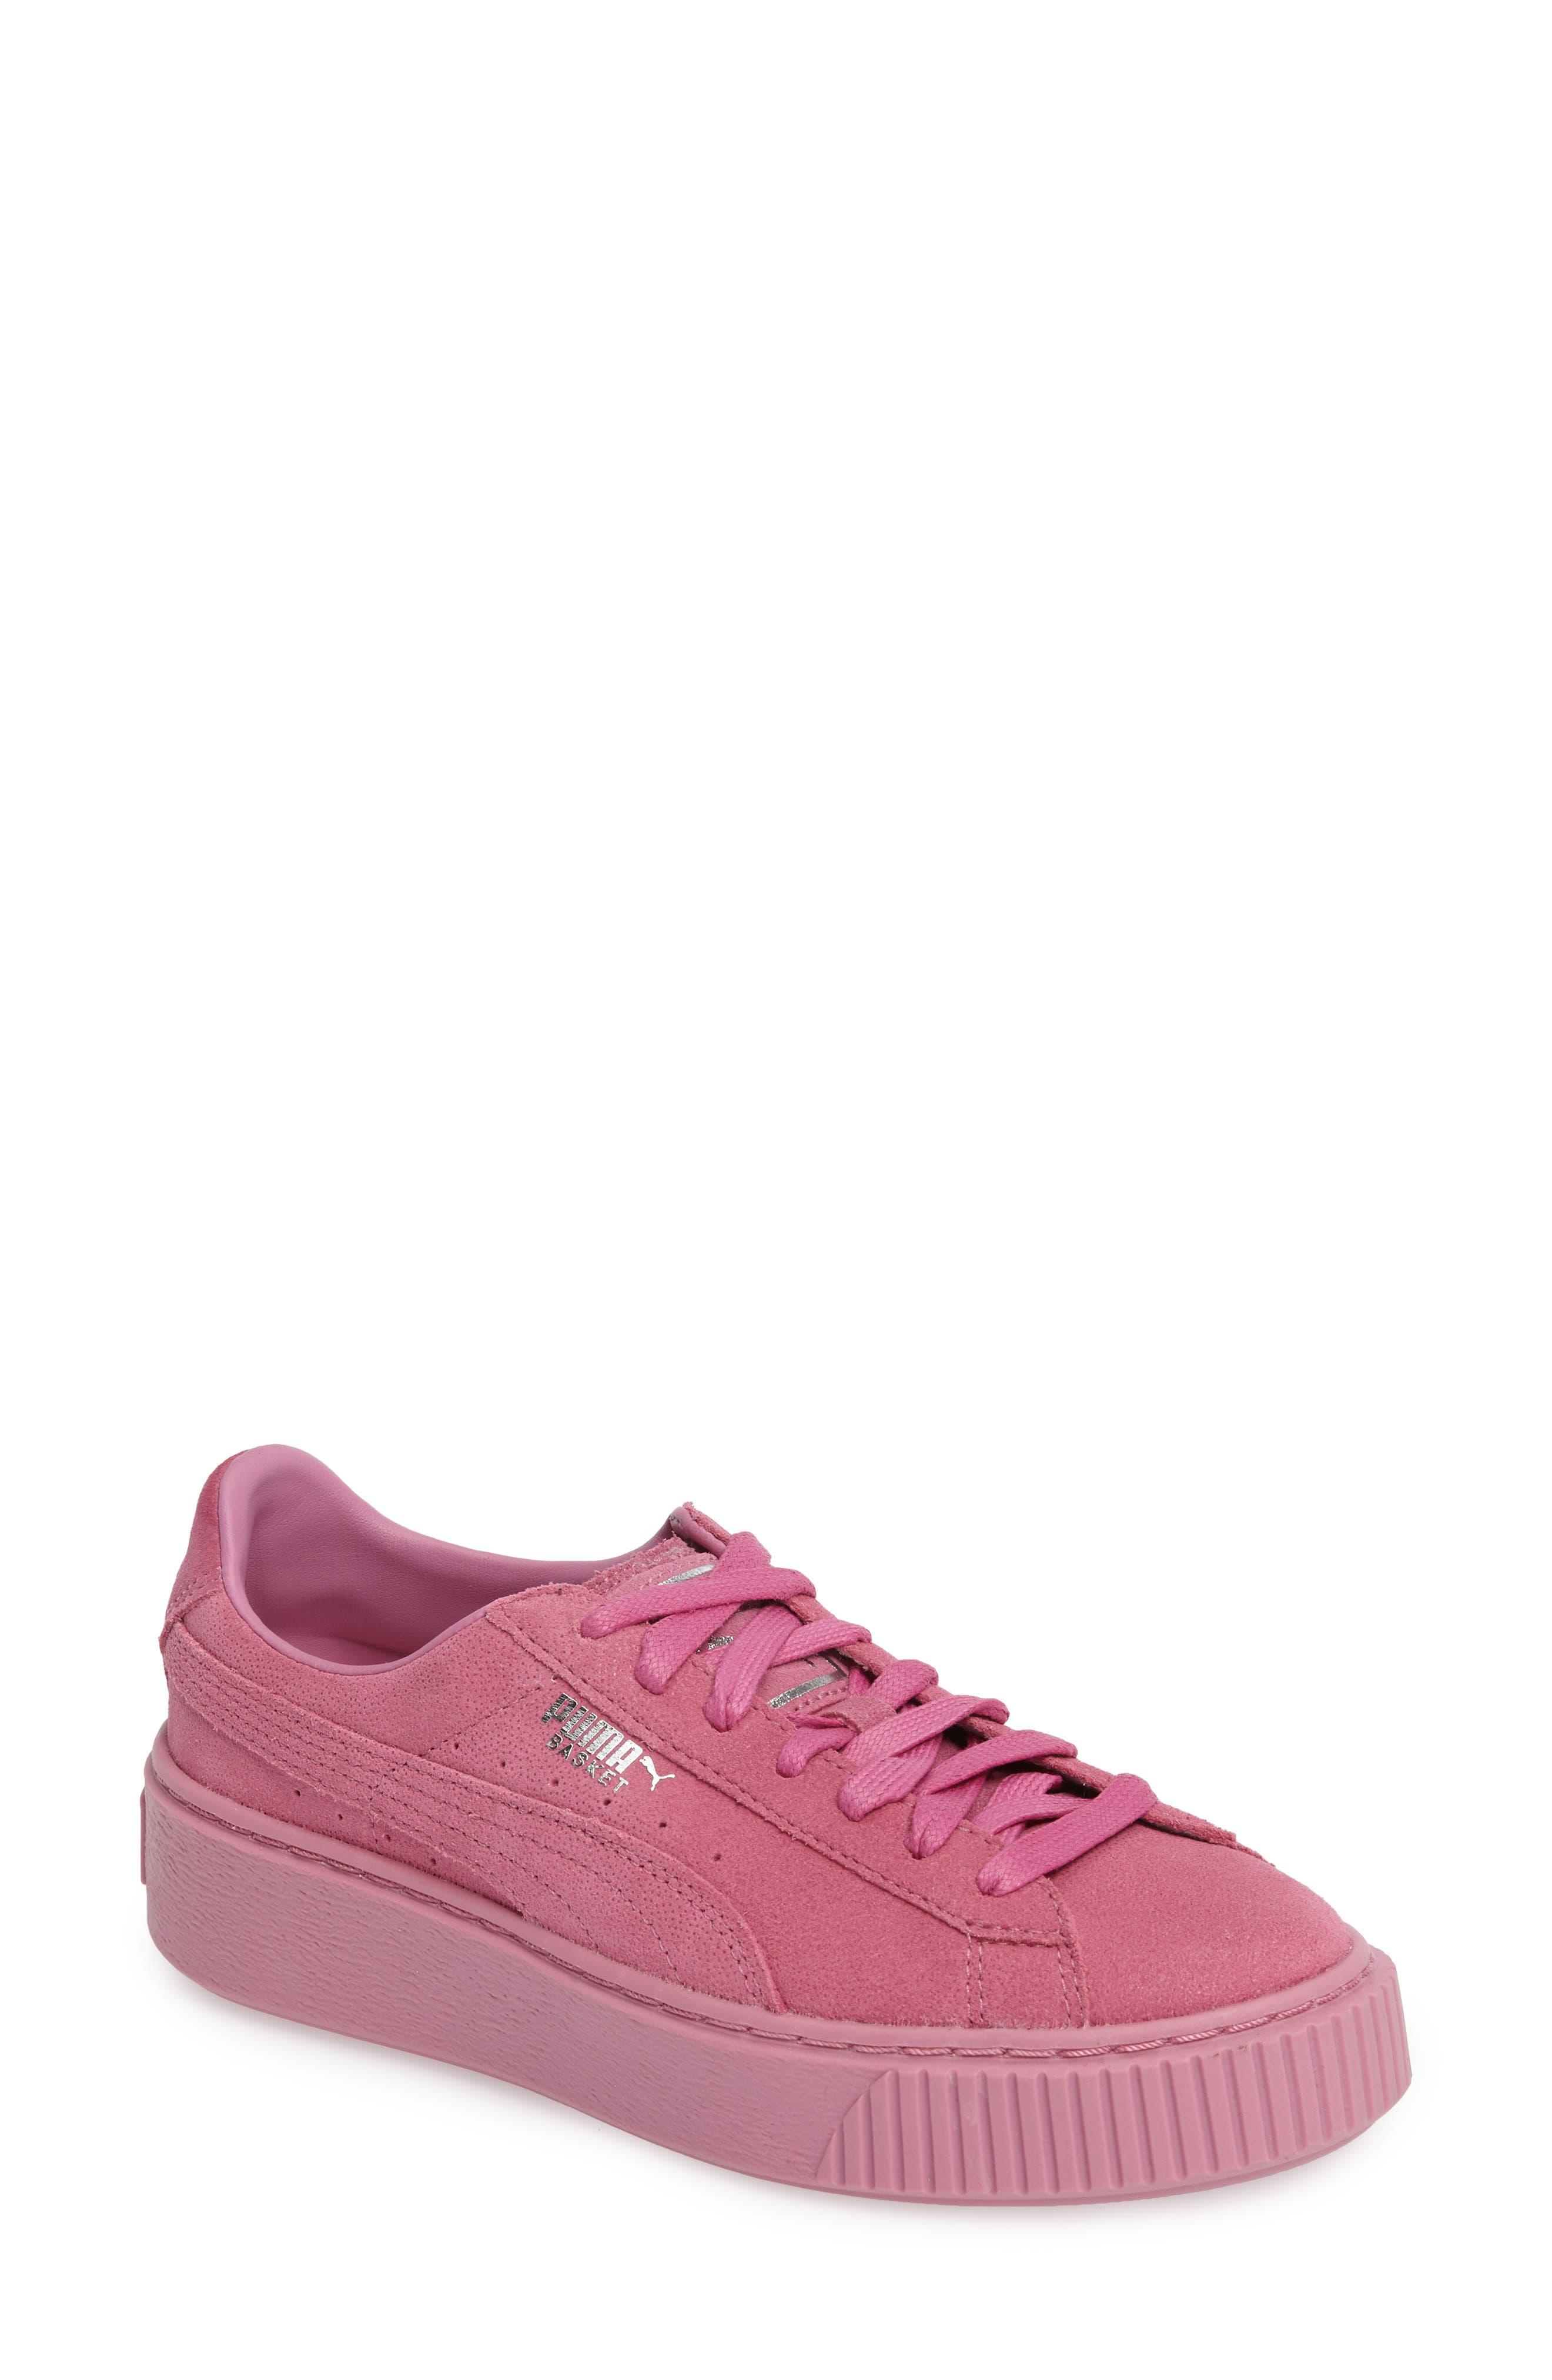 PUMA Reset Platform Sneaker (Women)